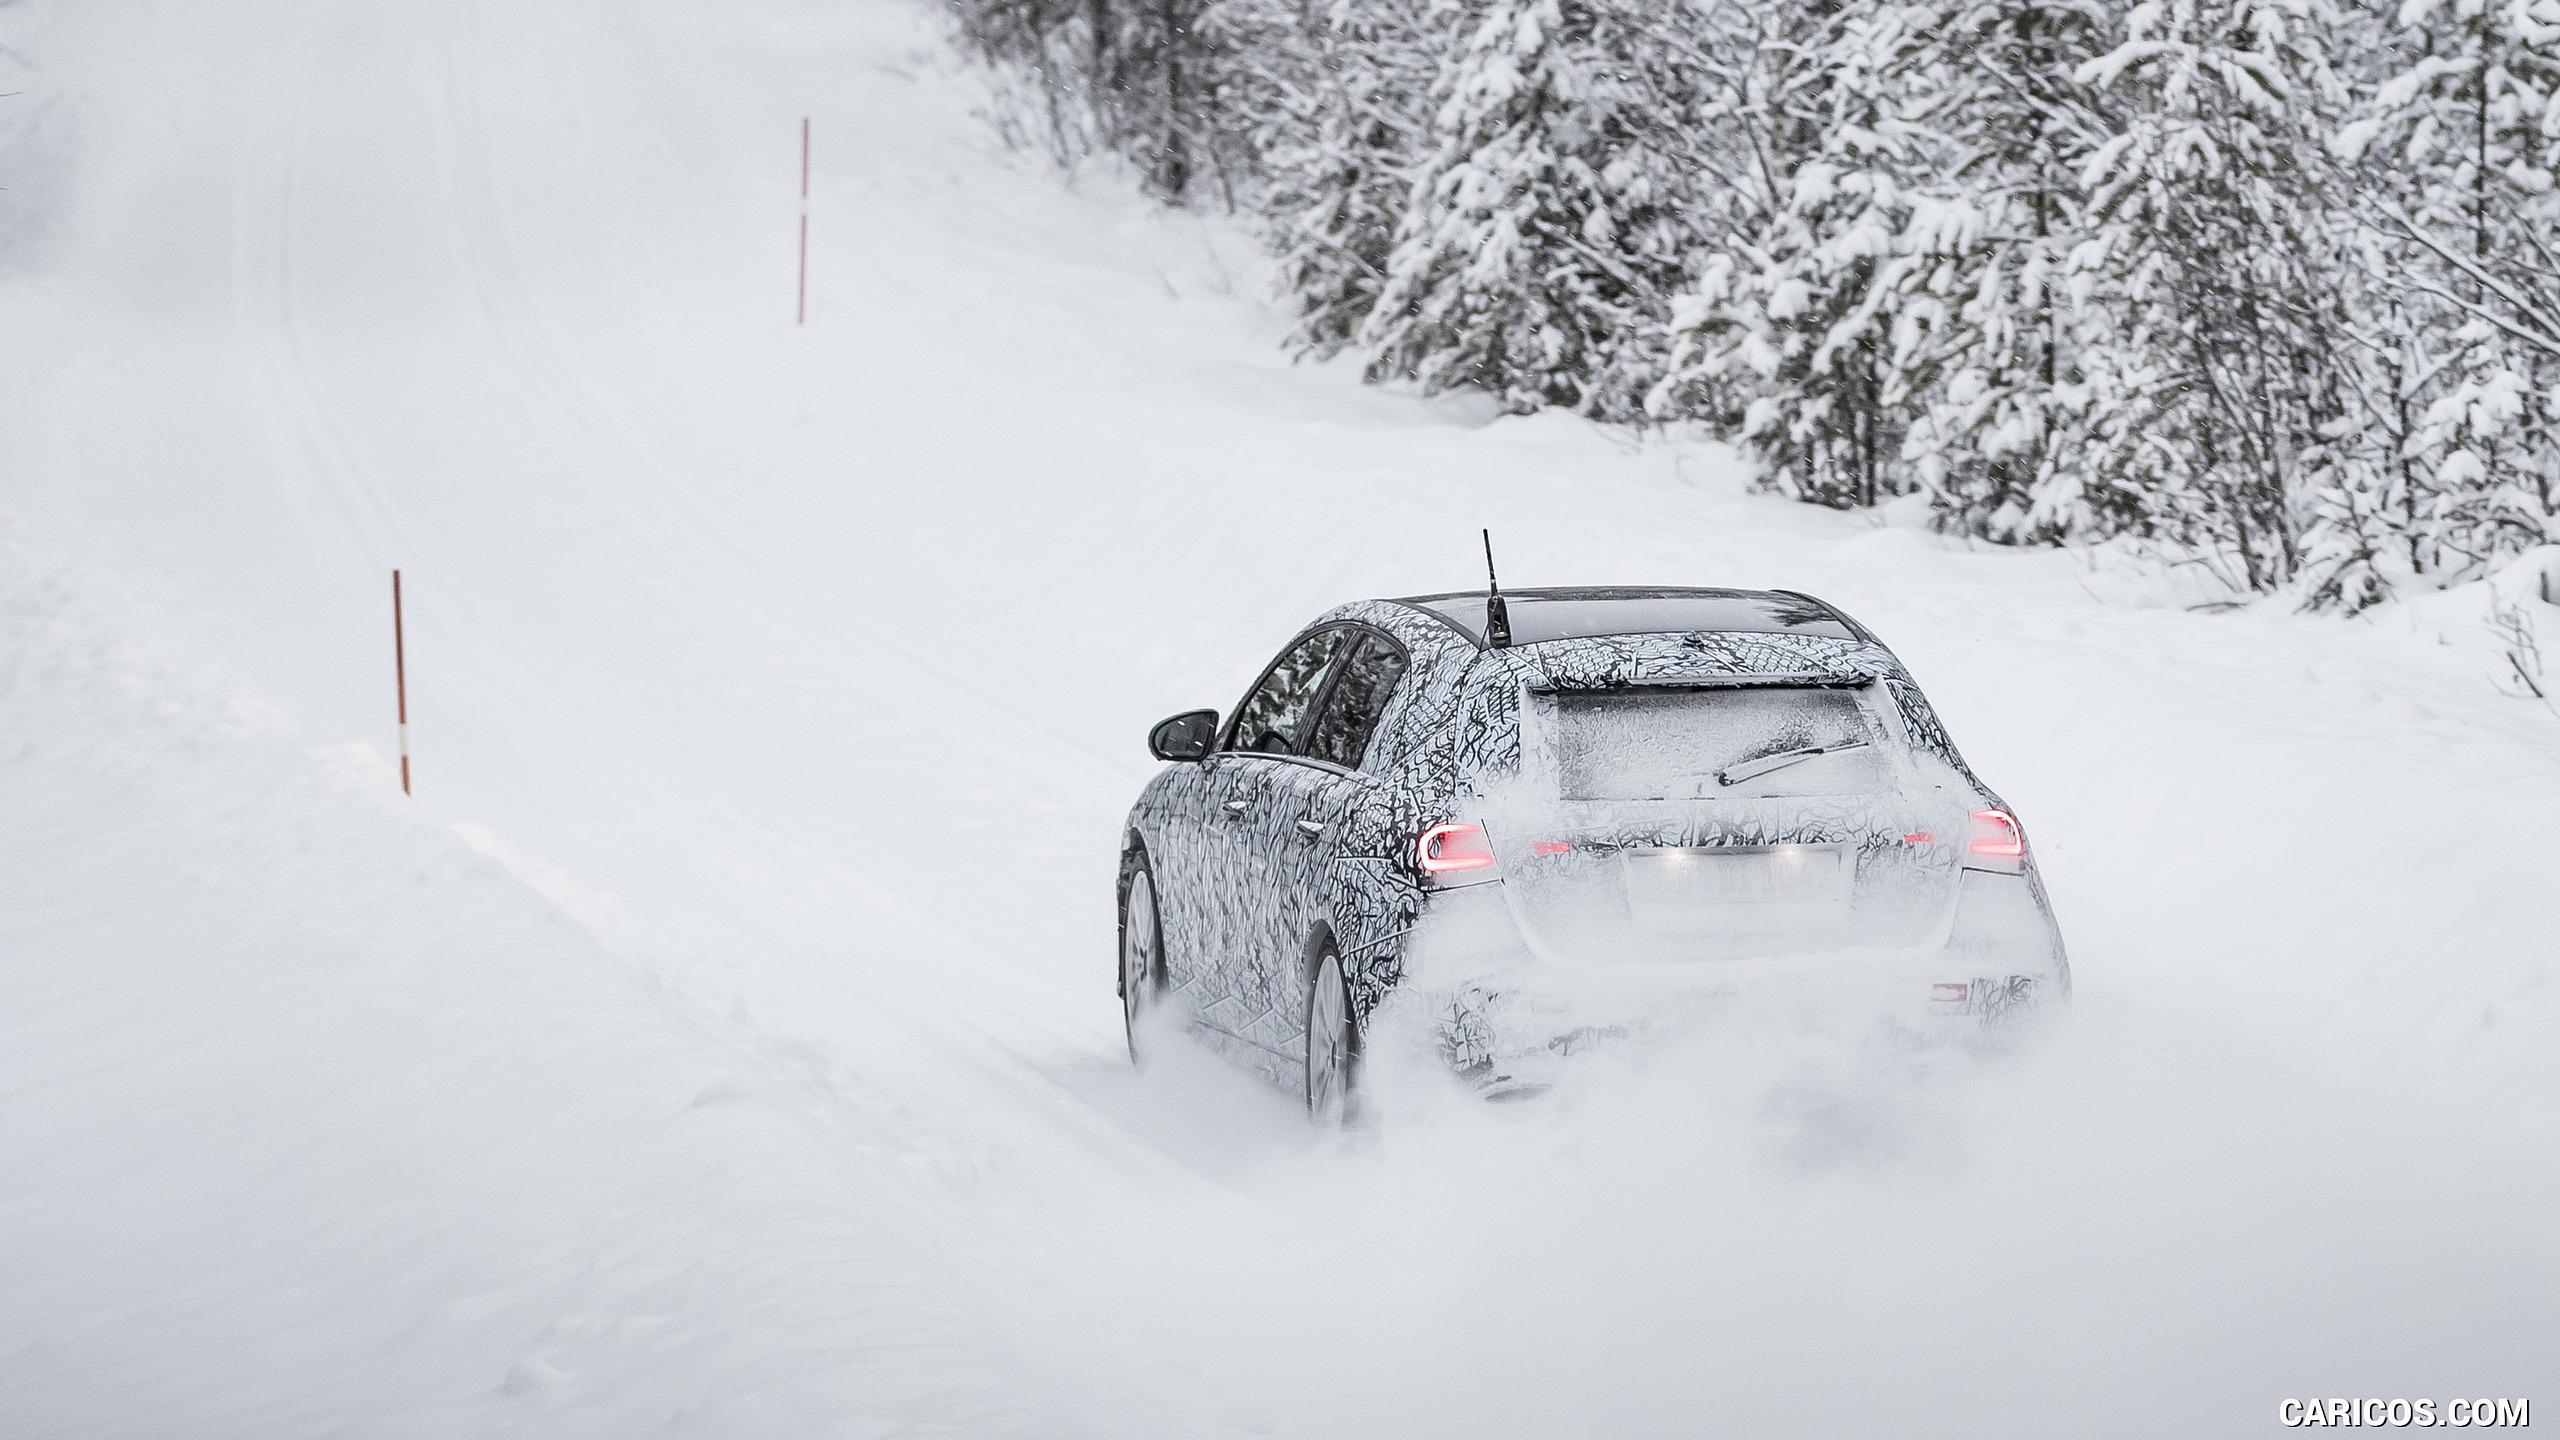 2019 Mercedes Benz A Class   Winter Testing HD Wallpaper 101 2560x1440